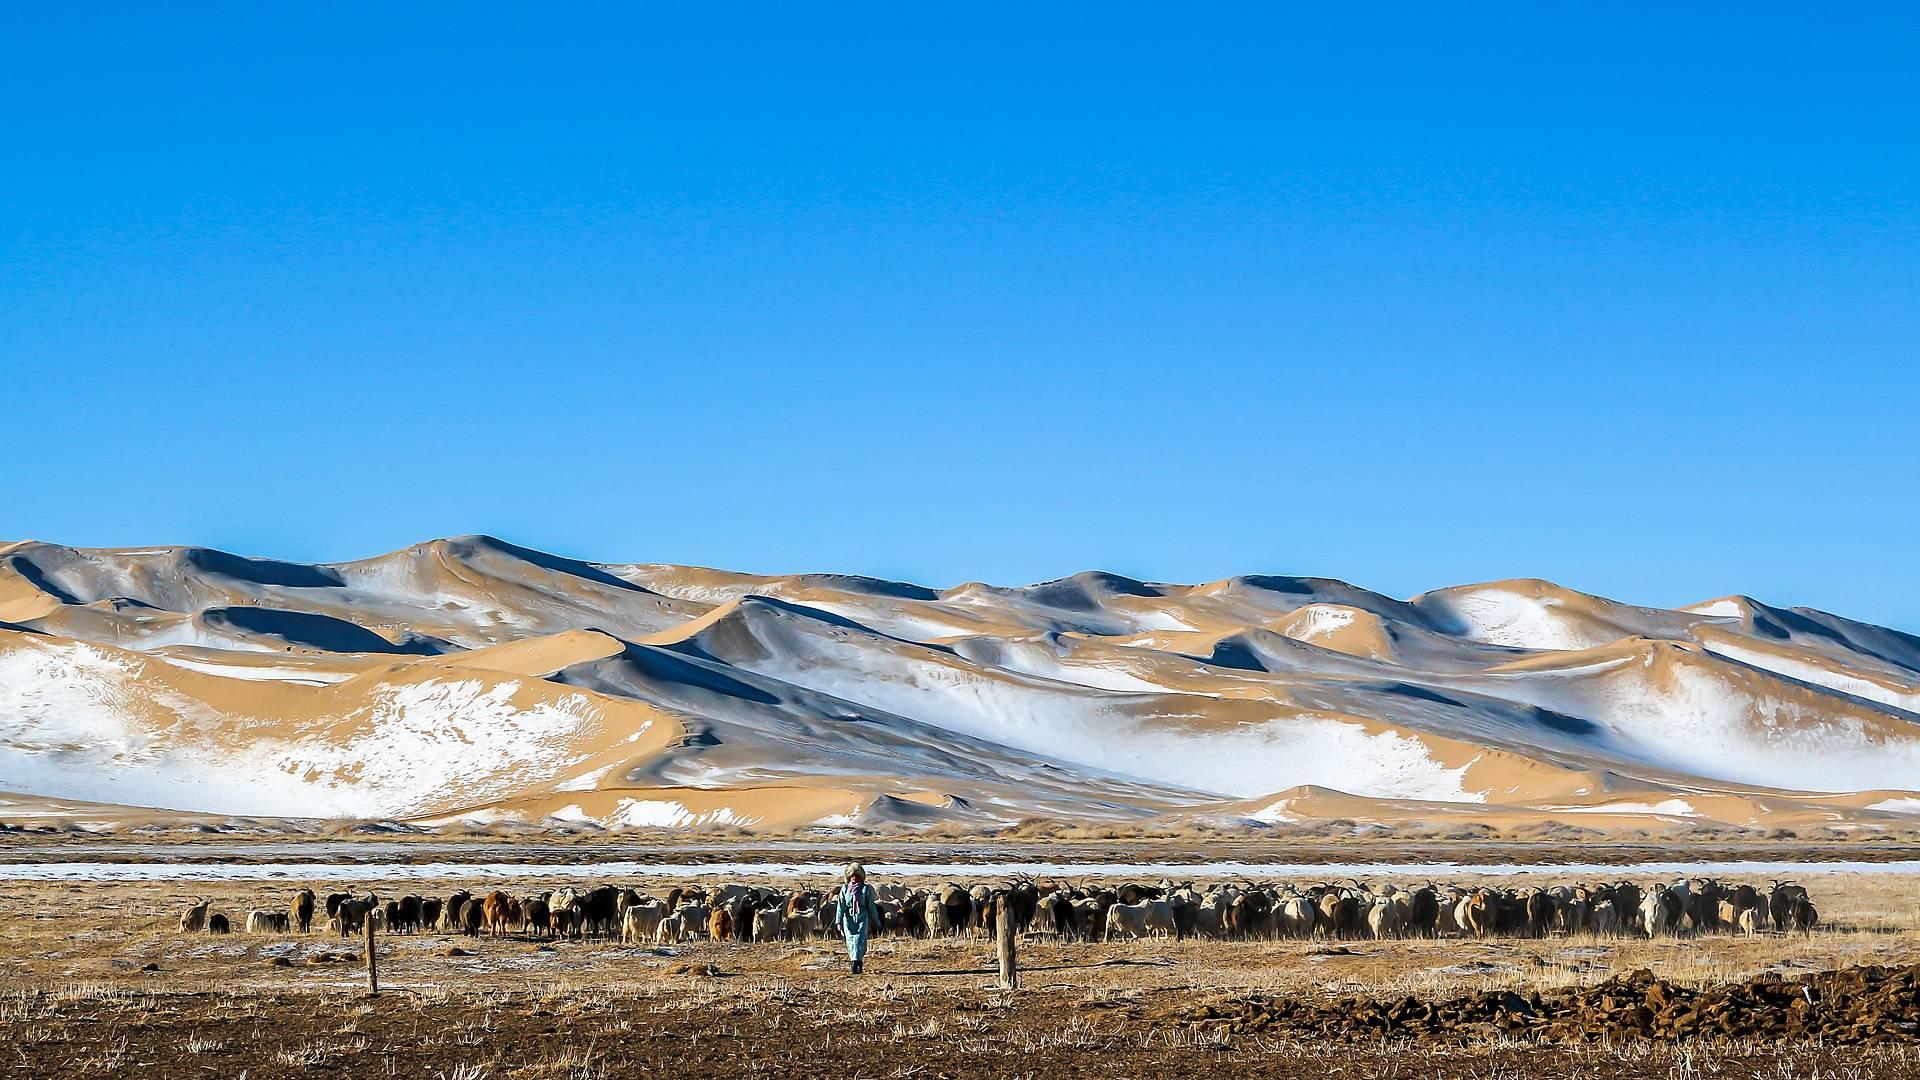 Rencontres hivernales entre désert et steppe